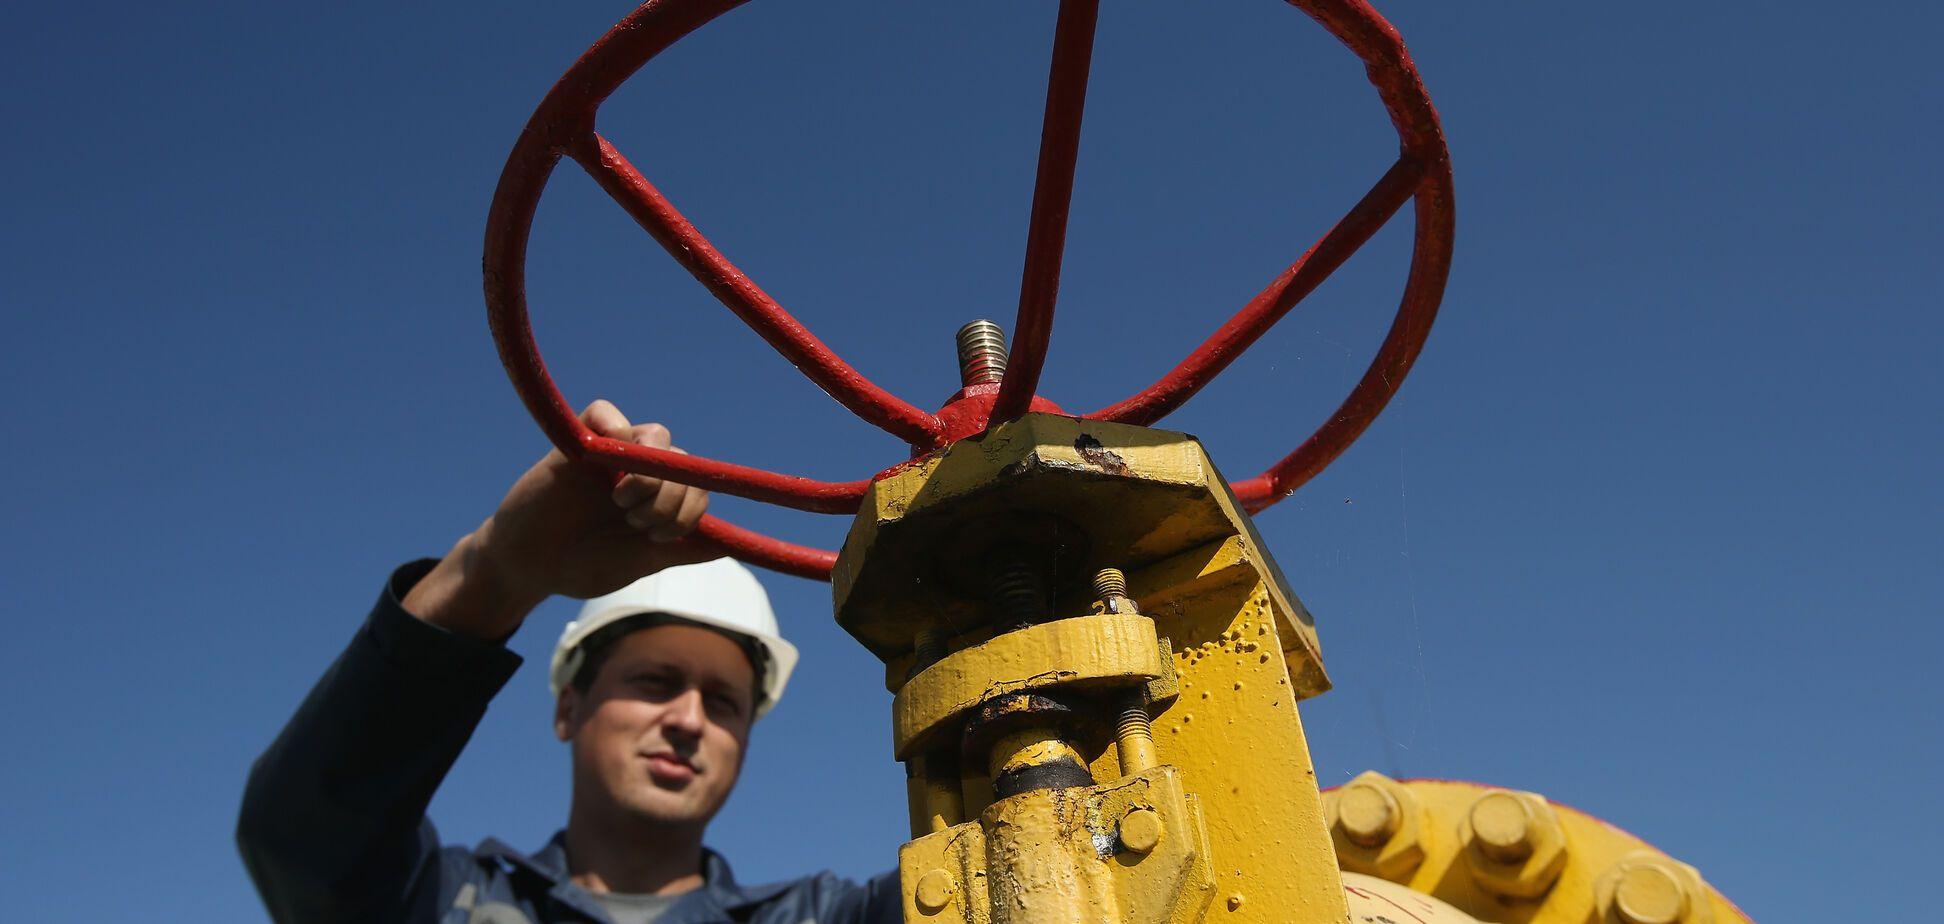 НАБУ викрило схему розкрадання газу на 1,4 млрд грн